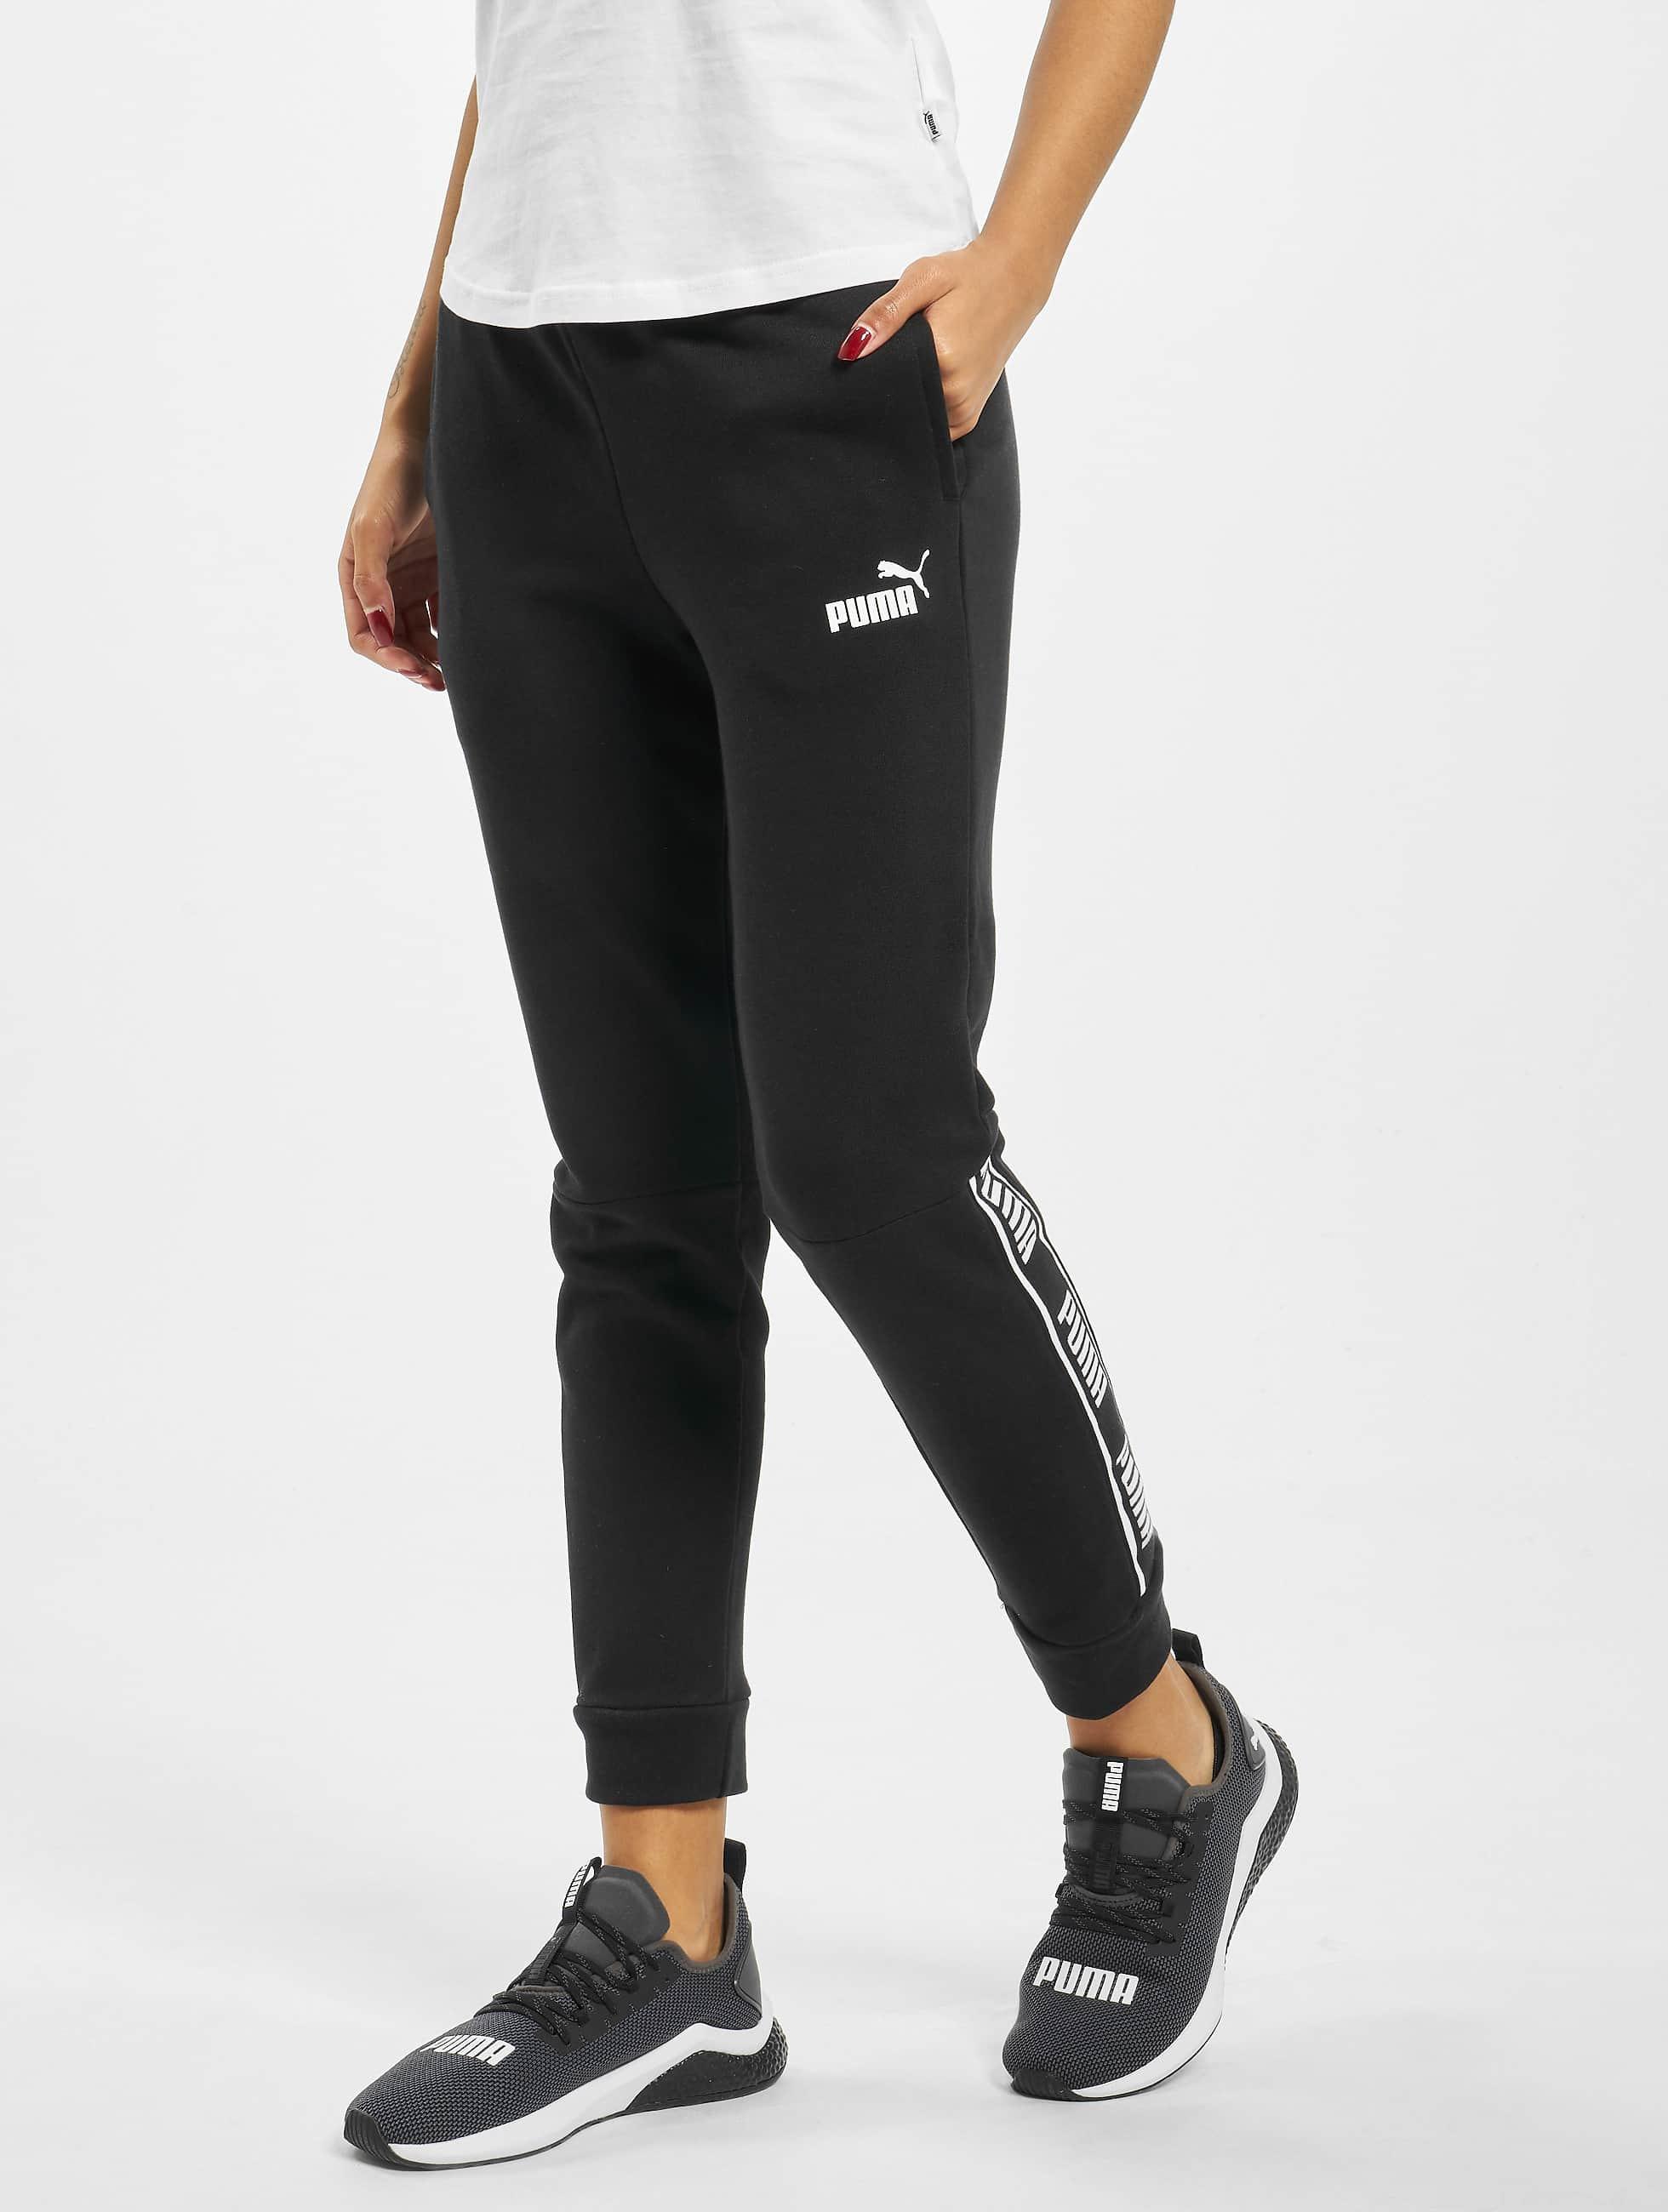 Puma Performance Amplified Pants Black Track Jogger Puma RAj34L5